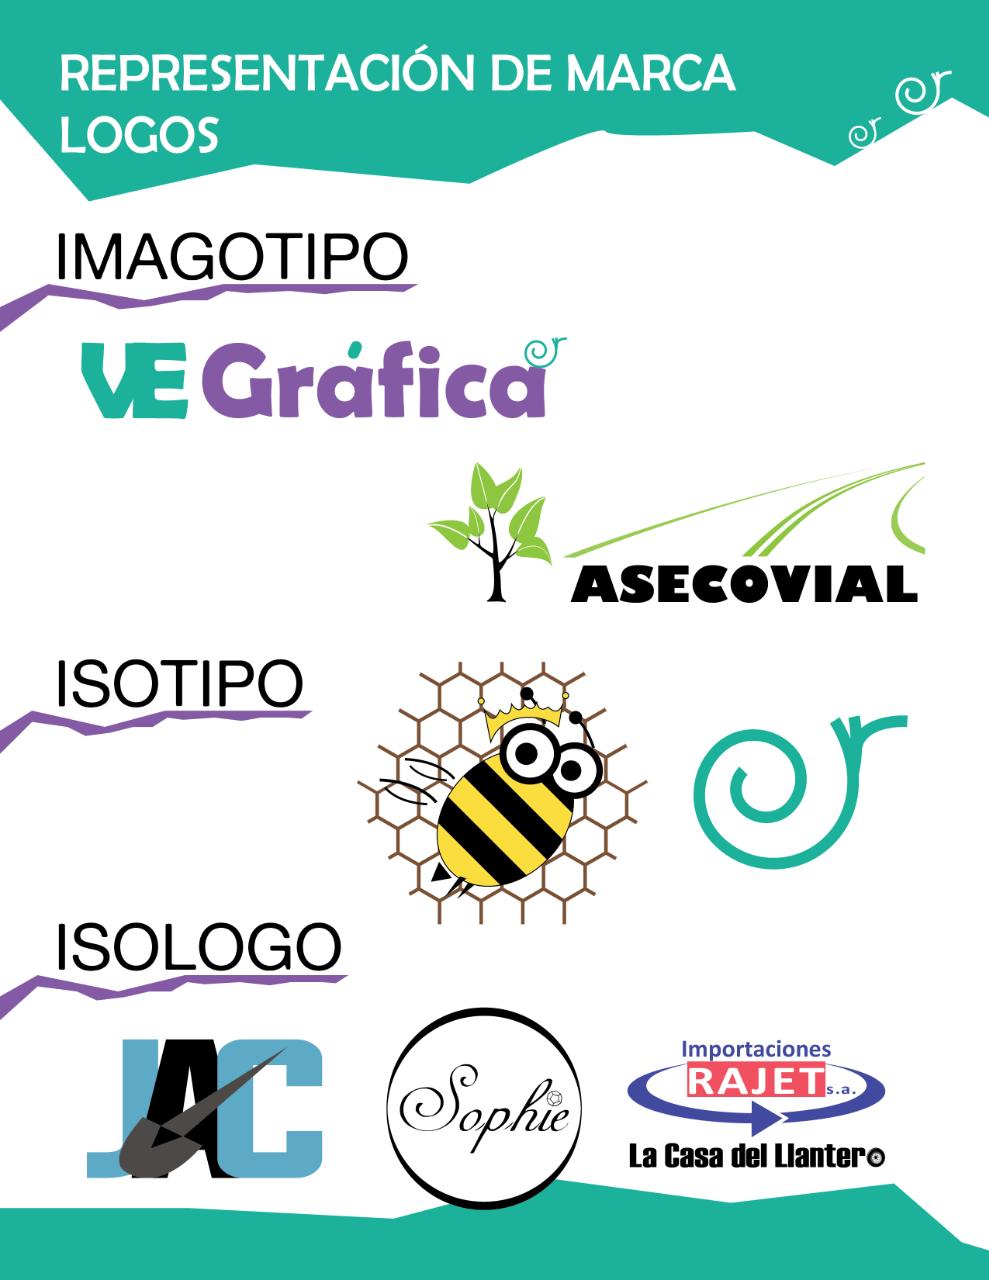 Contar con un logo que represente tu marca es esencial. Agrega valor al cliente ya que le comunica la identidad del negocio y su oferta, además de que ayuda al posicionamiento y representación de productos/servicios.